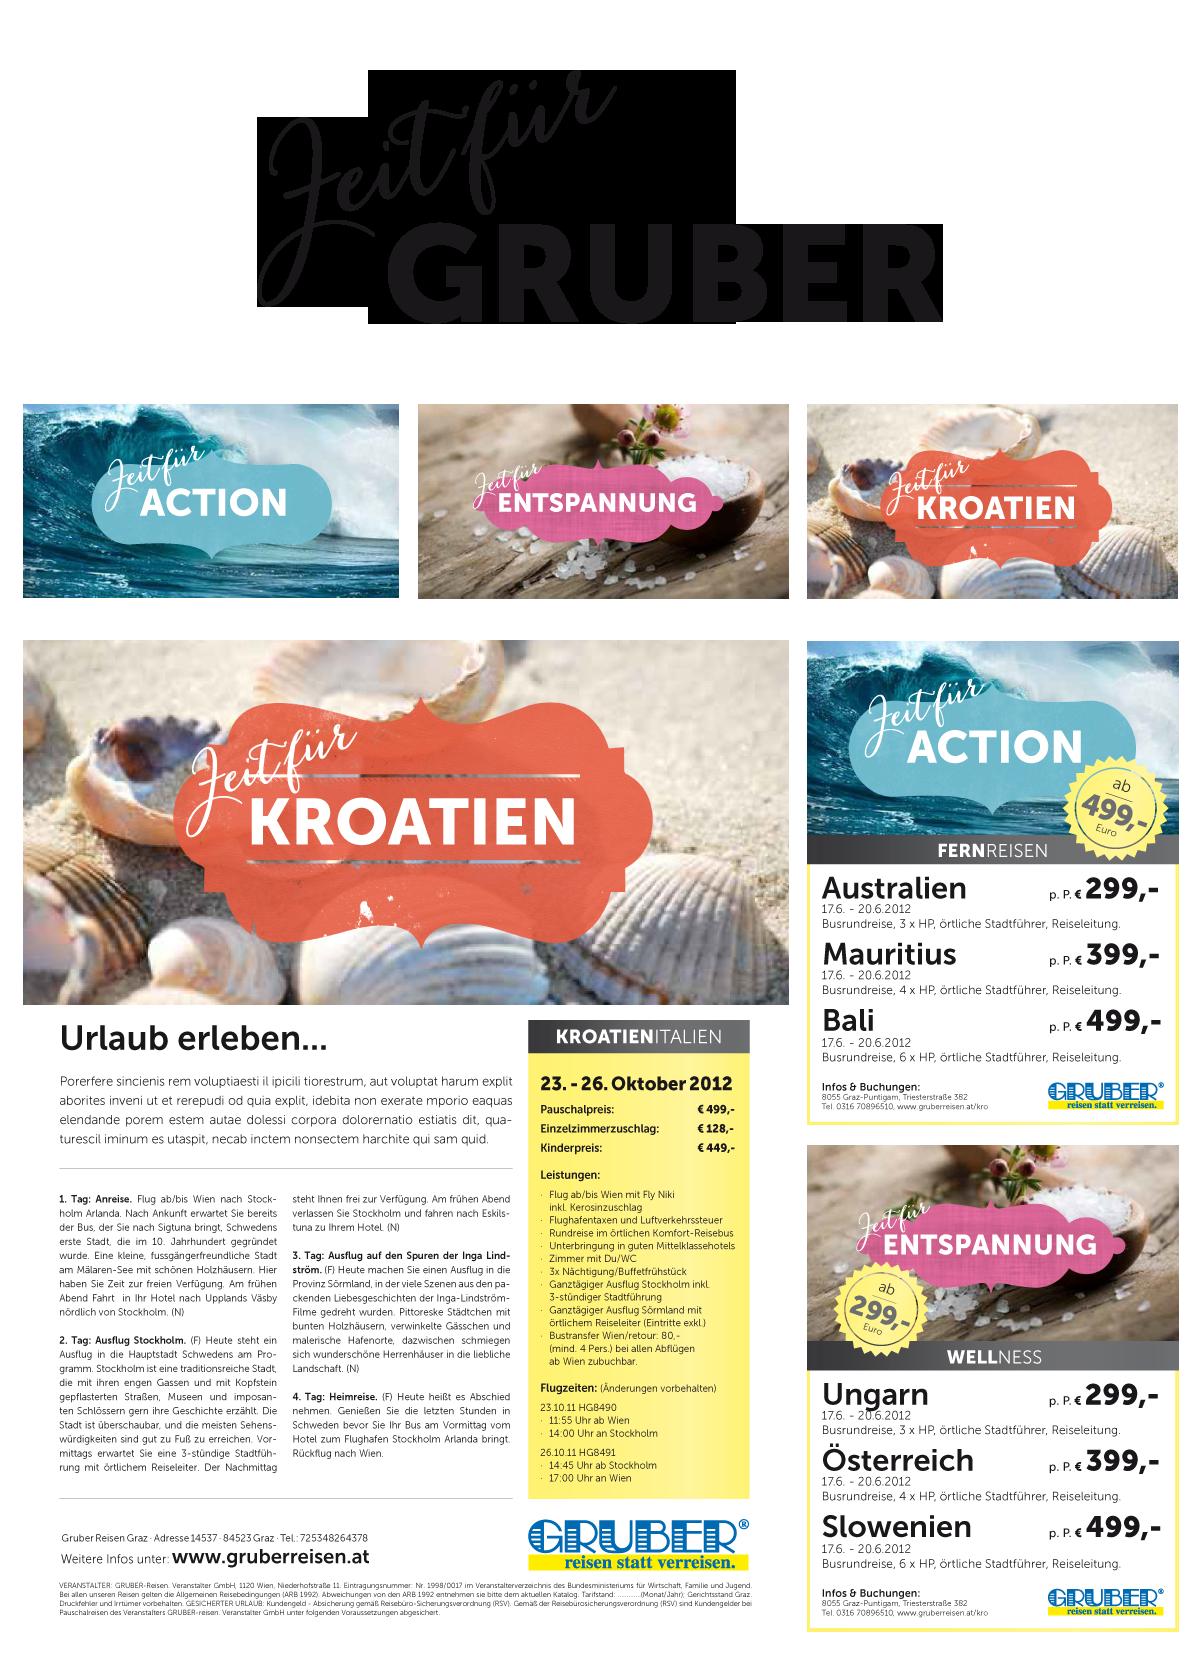 Gruberreisen